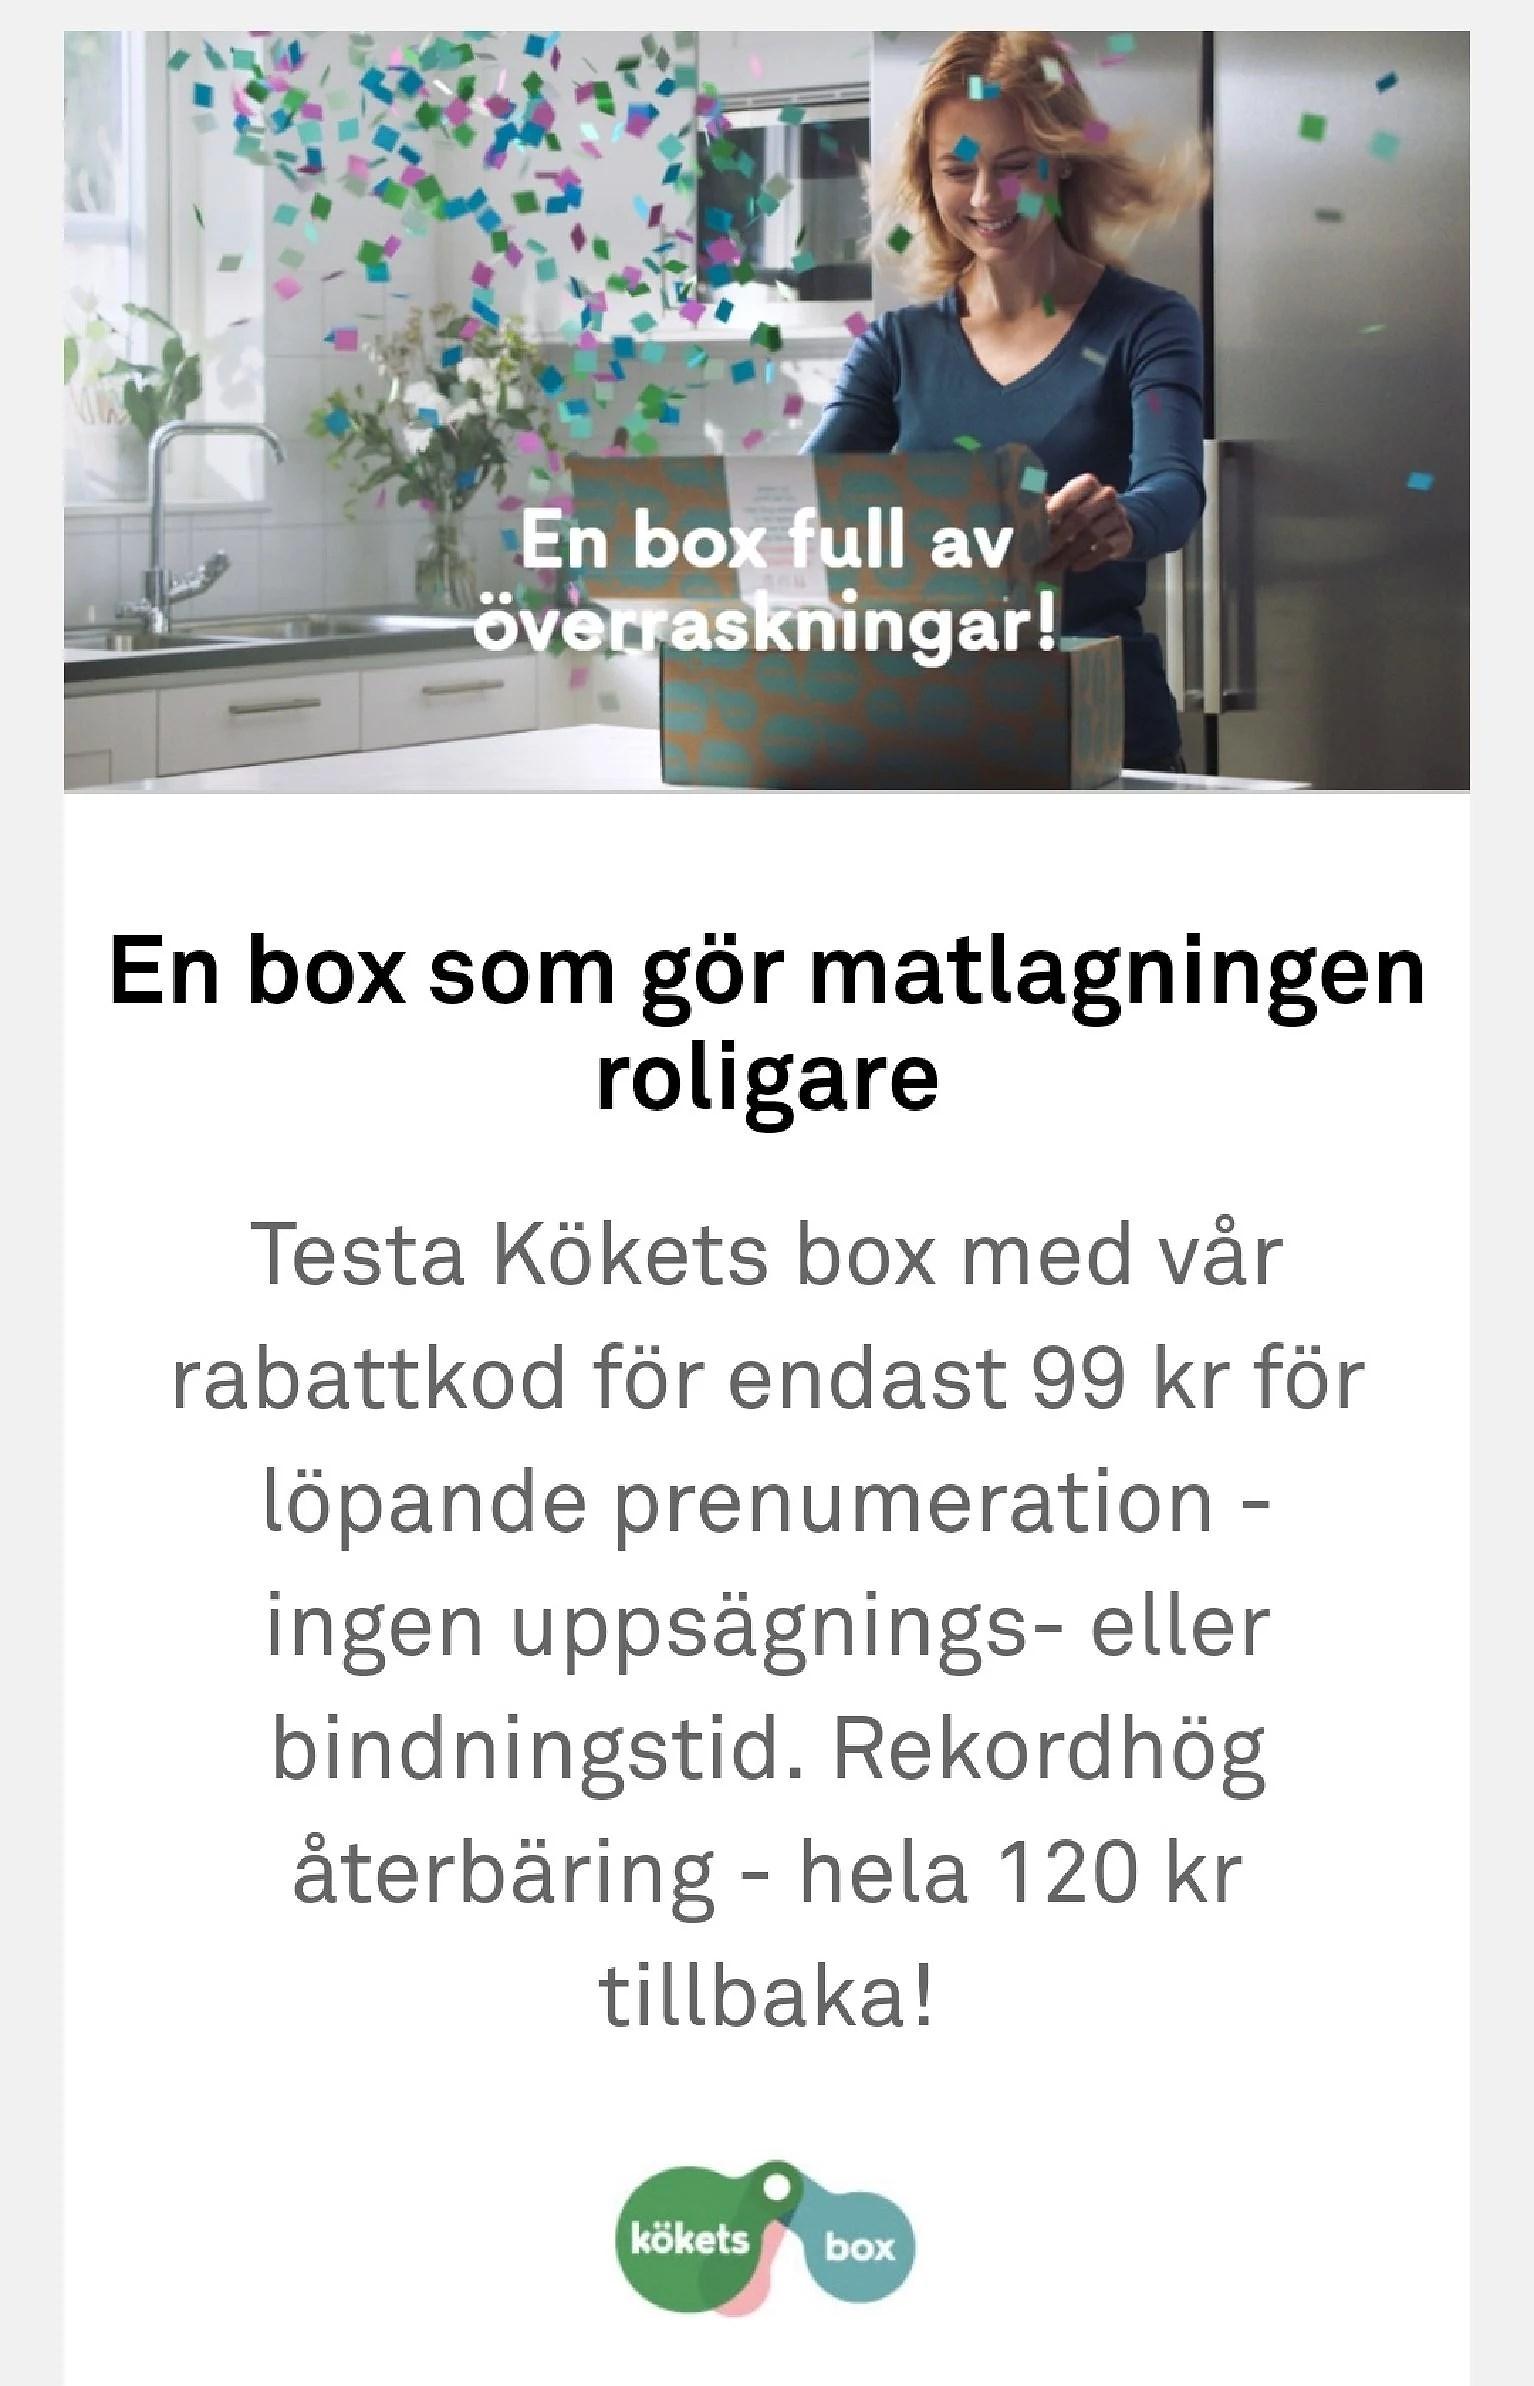 Prova kökets box för 99 kr och få 120 kr cashback